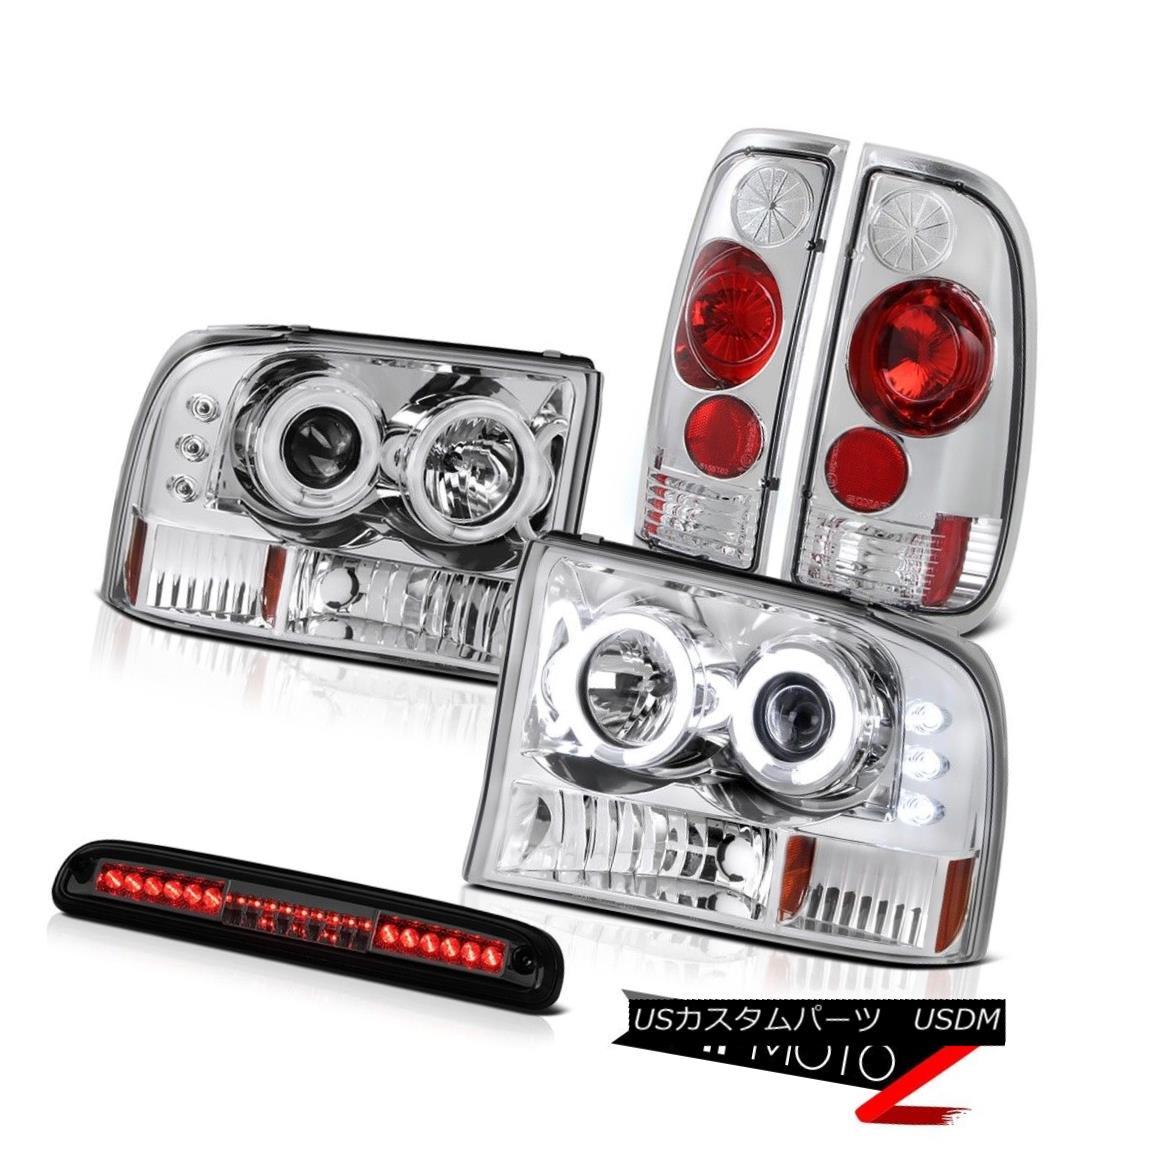 ヘッドライト 99-04 F250 Lariat CCFL Projector Headlight Rear Taillamp High Brake Cargo LED 99-04 F250 Lariat CCFLプロジェクターヘッドライトリアテールランプハイブレーキカーゴLED